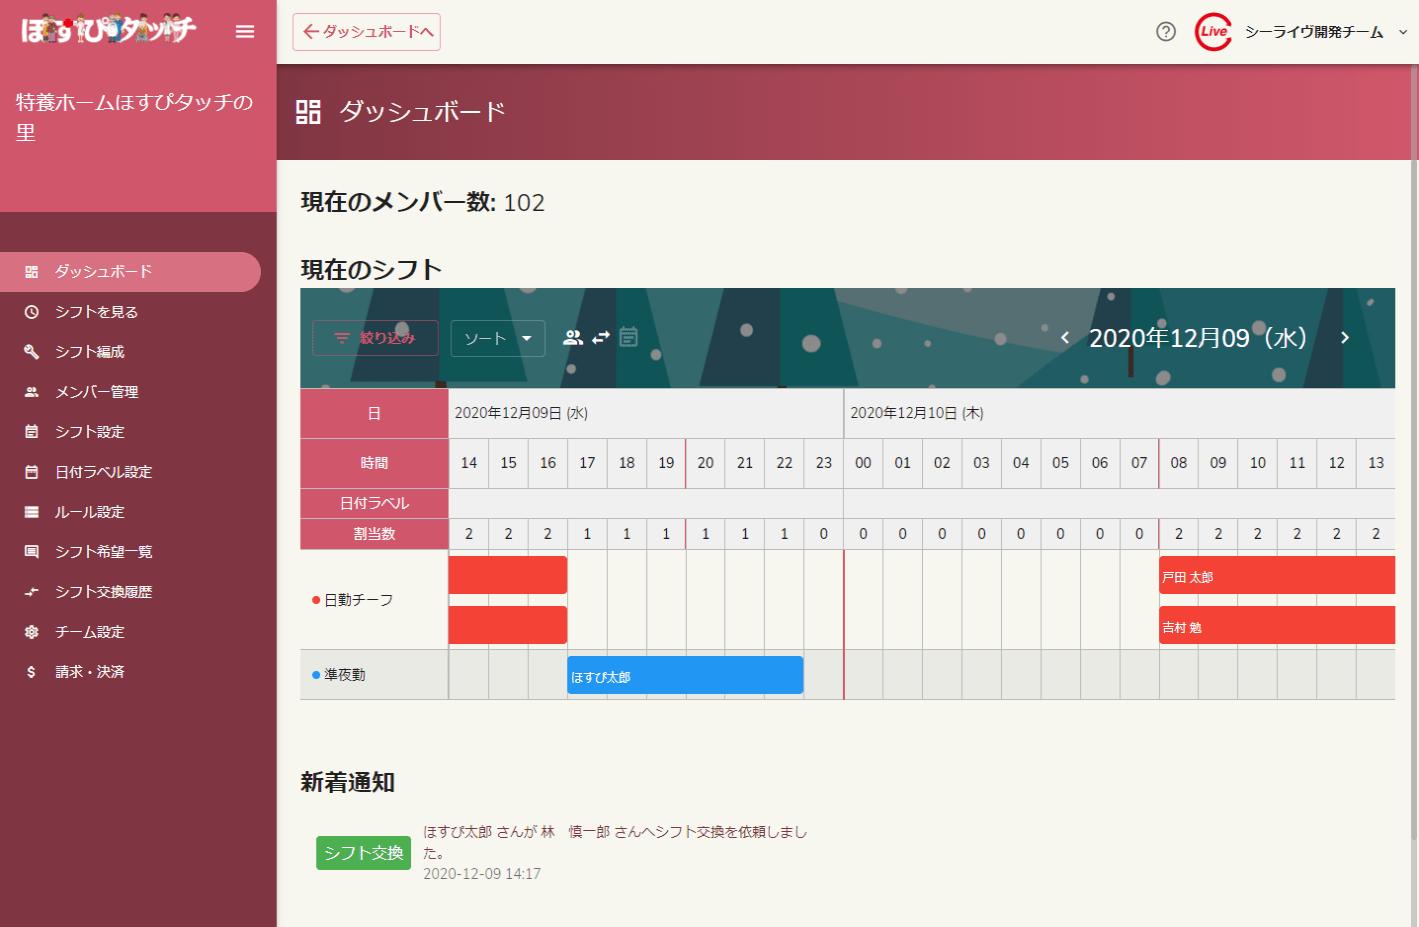 ダッシュボード画面(システム管理者)